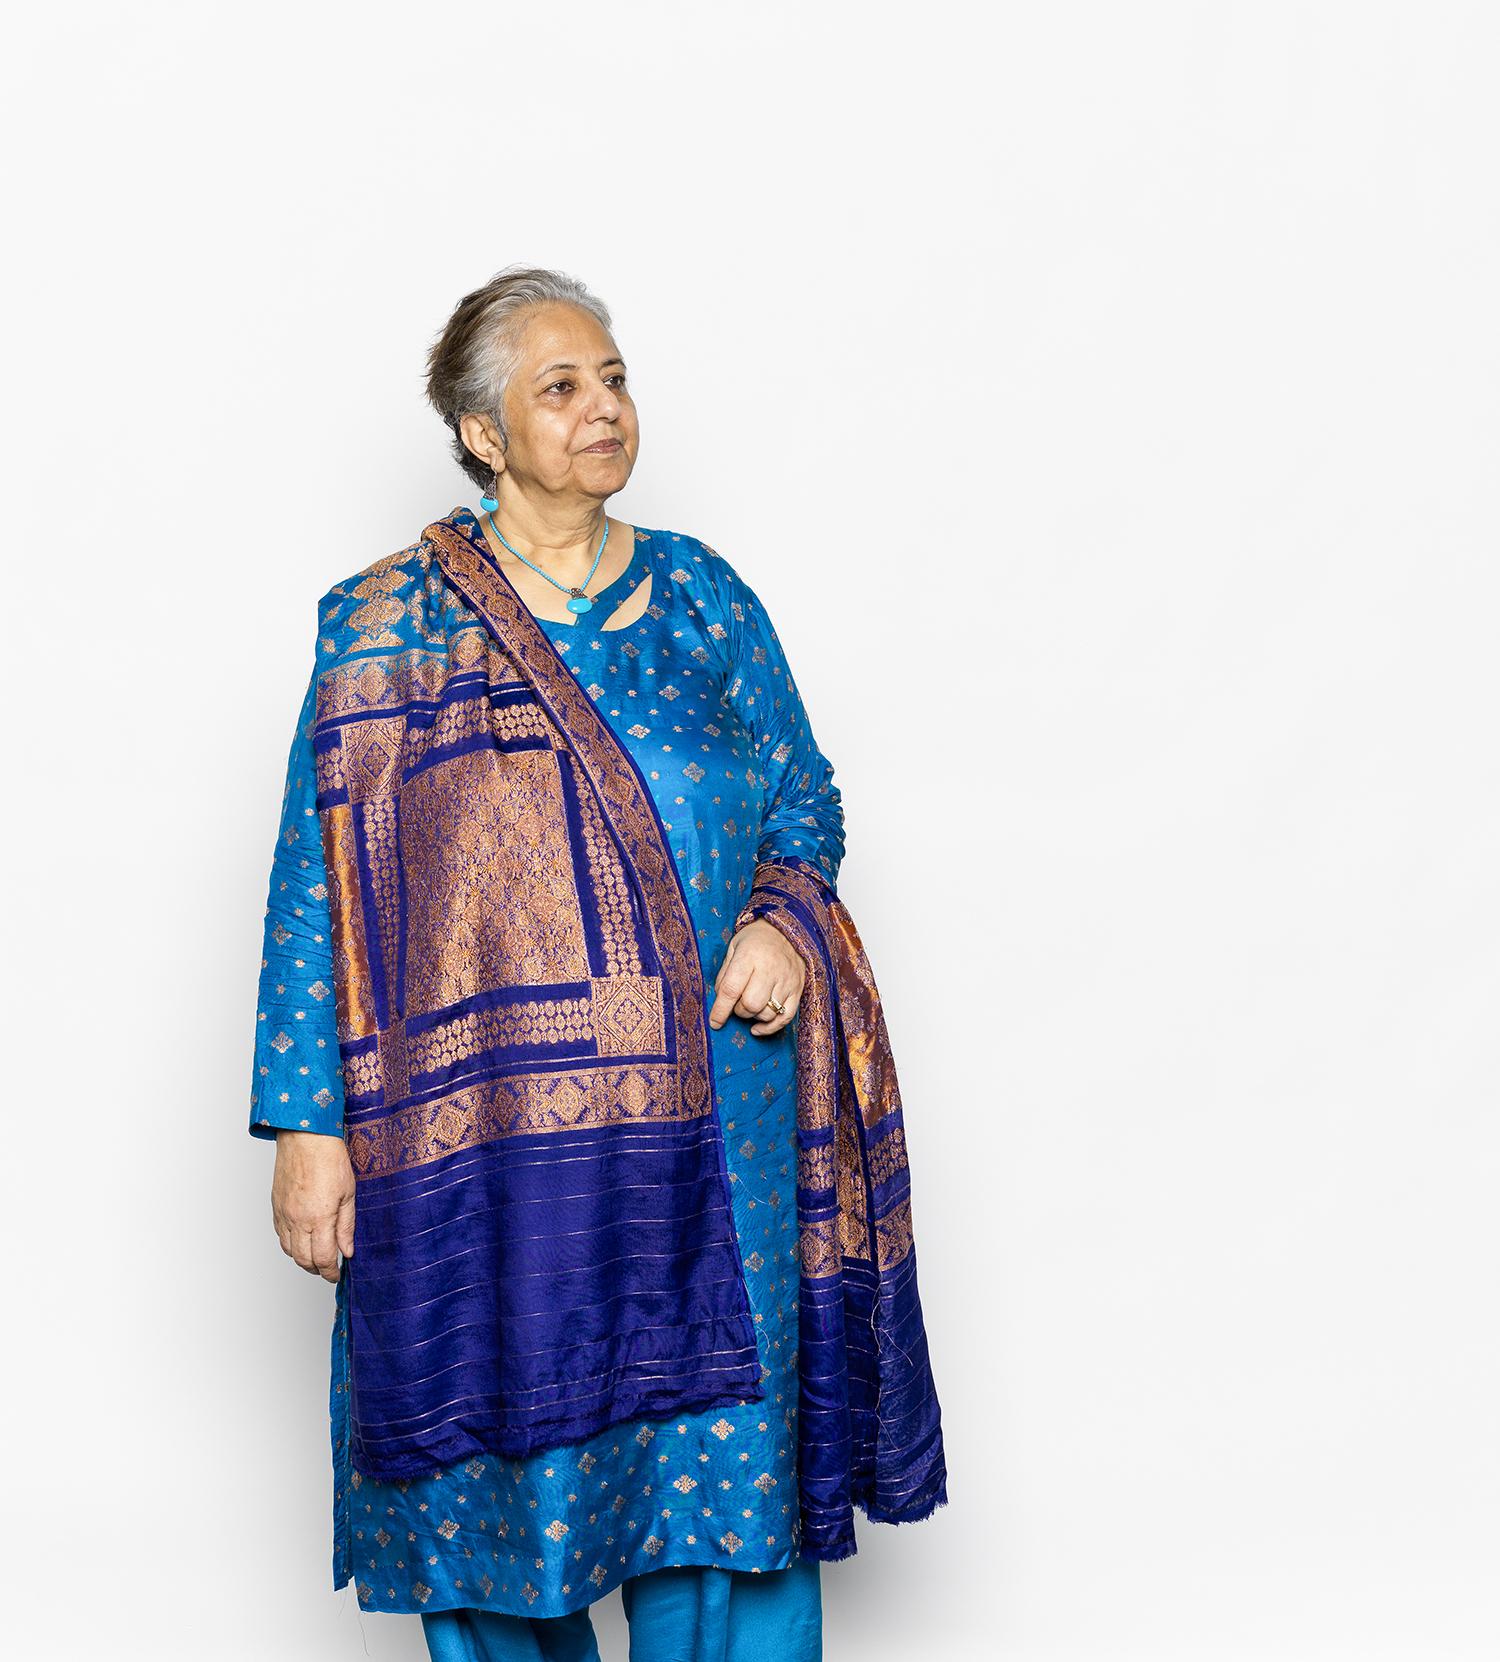 Rukiya Mukadam. Photo: Ben Gilbert/Wellcome Collection